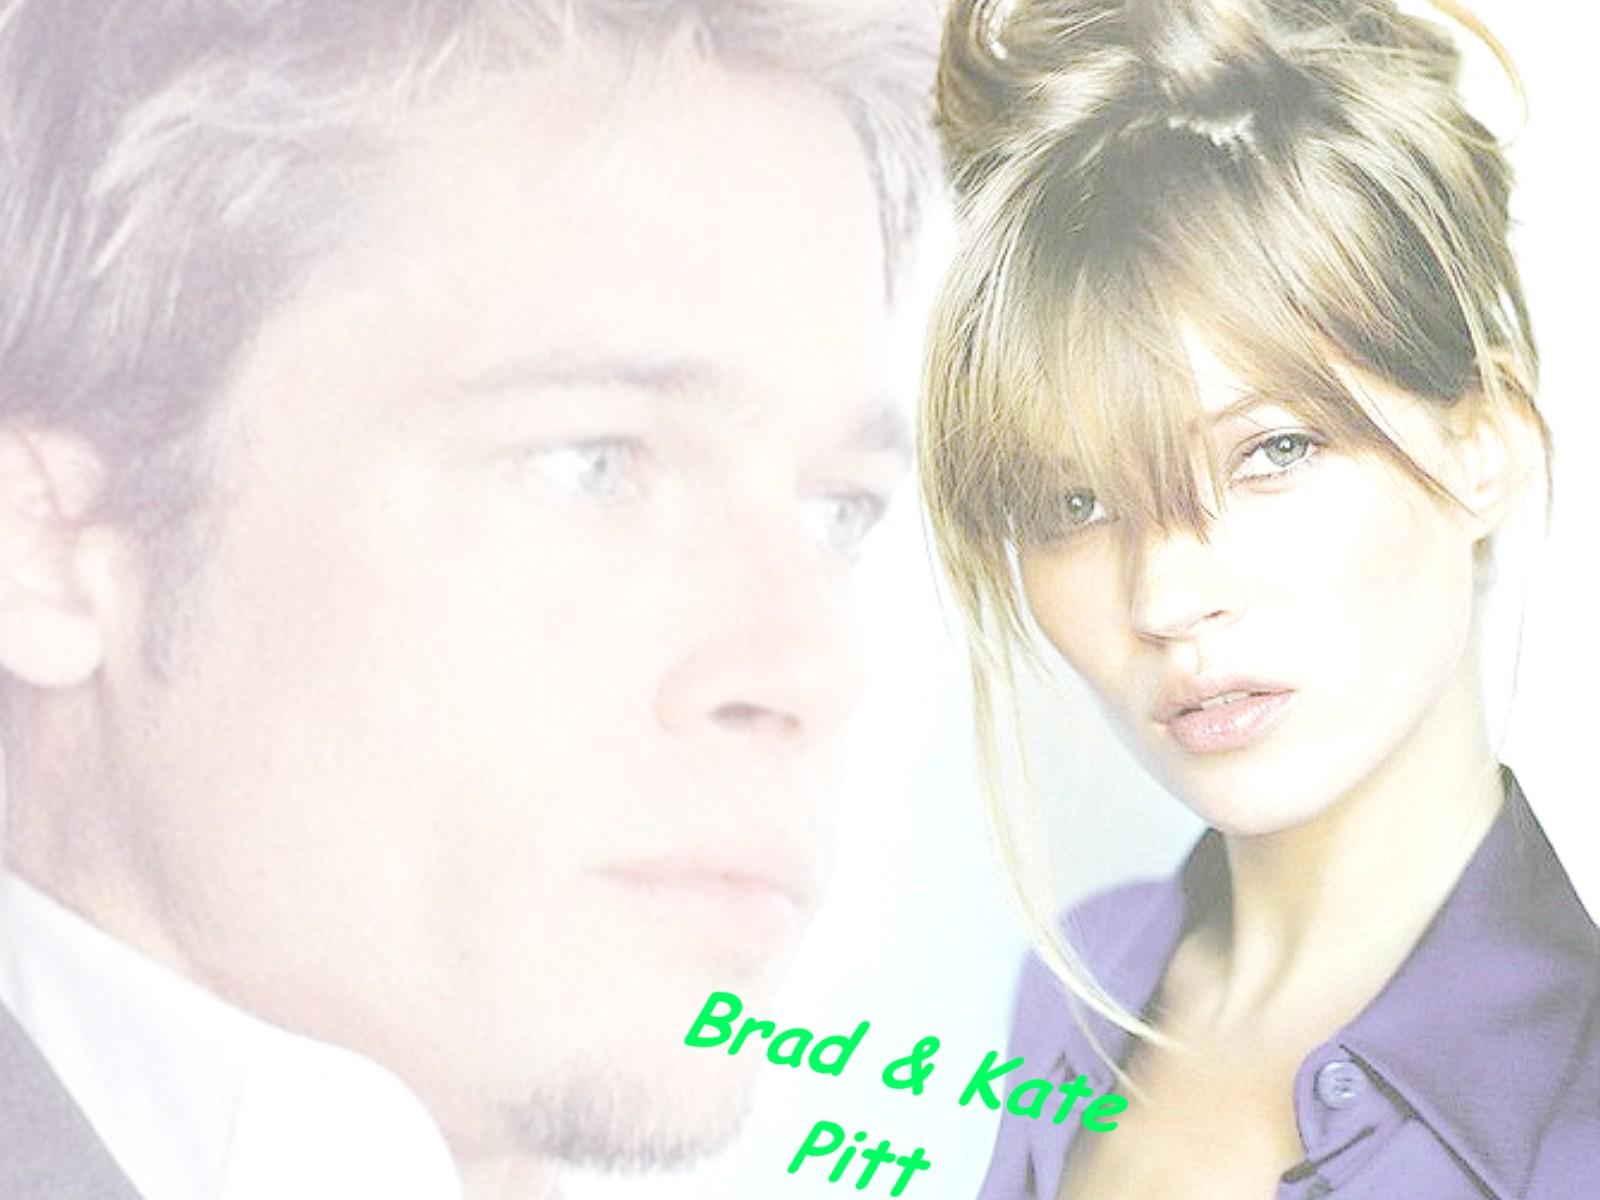 http://1.bp.blogspot.com/_zHx02JB4GE0/TQ9jC2mHQPI/AAAAAAAAATk/dCu8hgTflw8/s1600/Brad+Pitt+Kate+Moss+%25283%2529.jpg